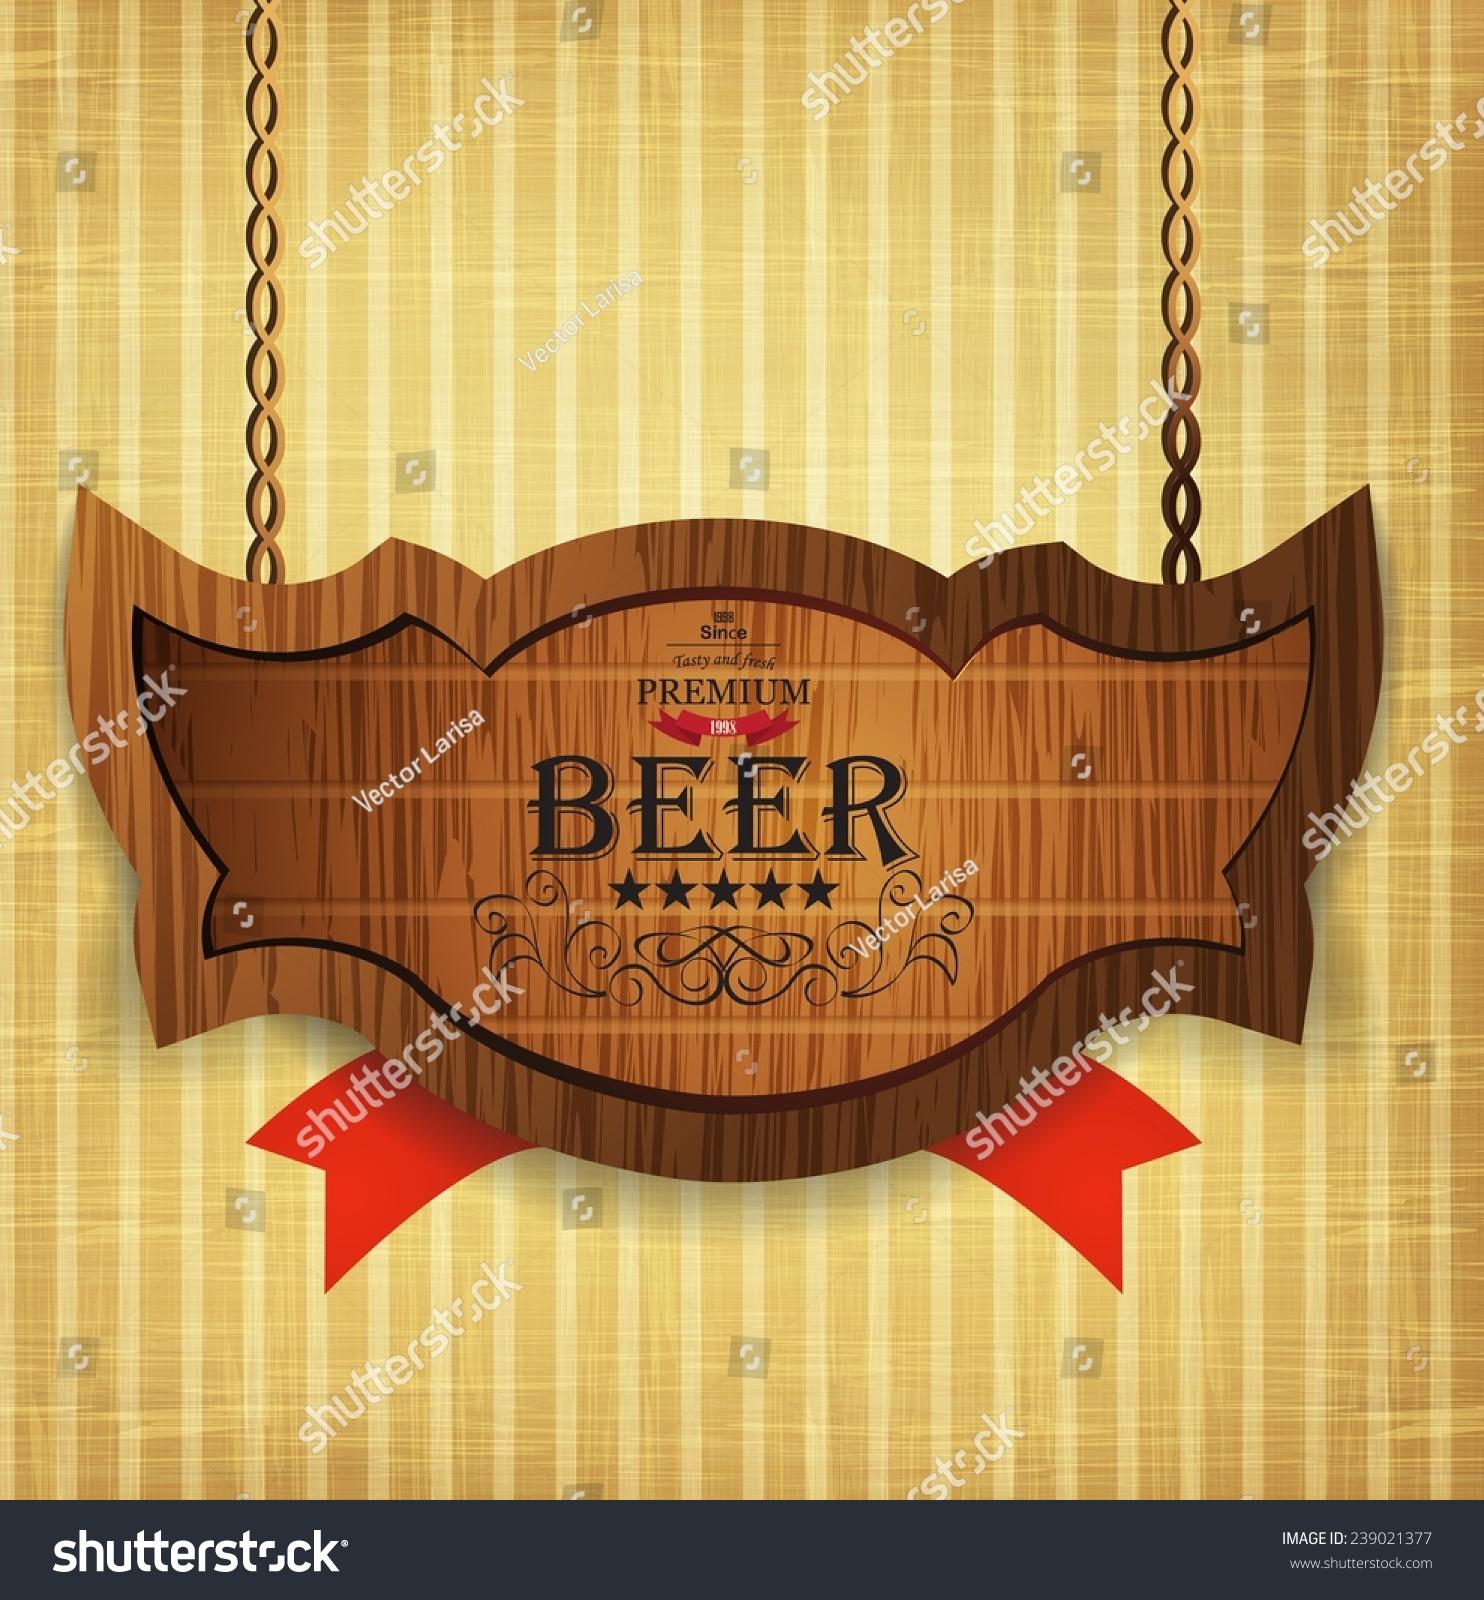 设计木制啤酒标签的背景